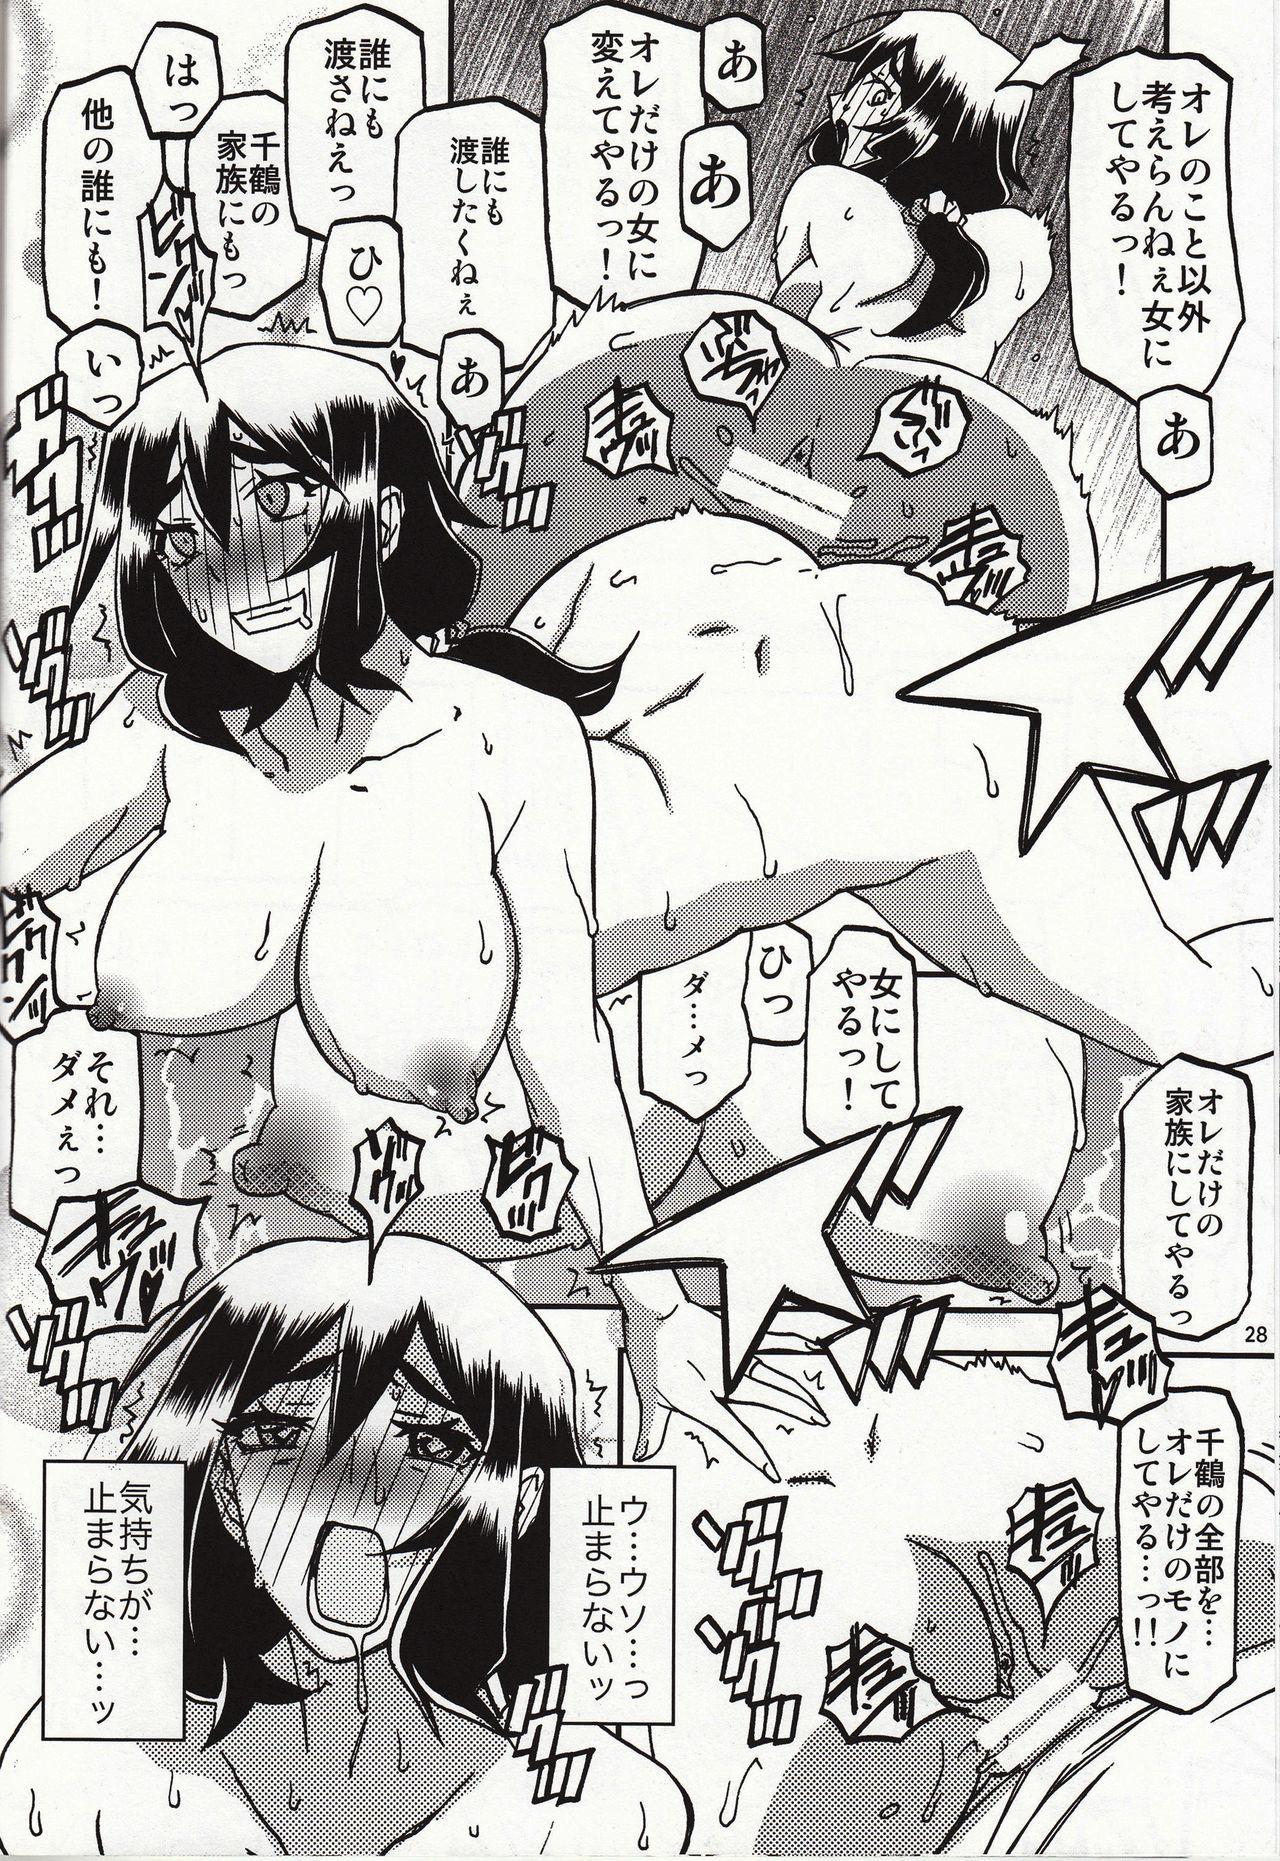 Akebi no Mi - Chizuru katei 26